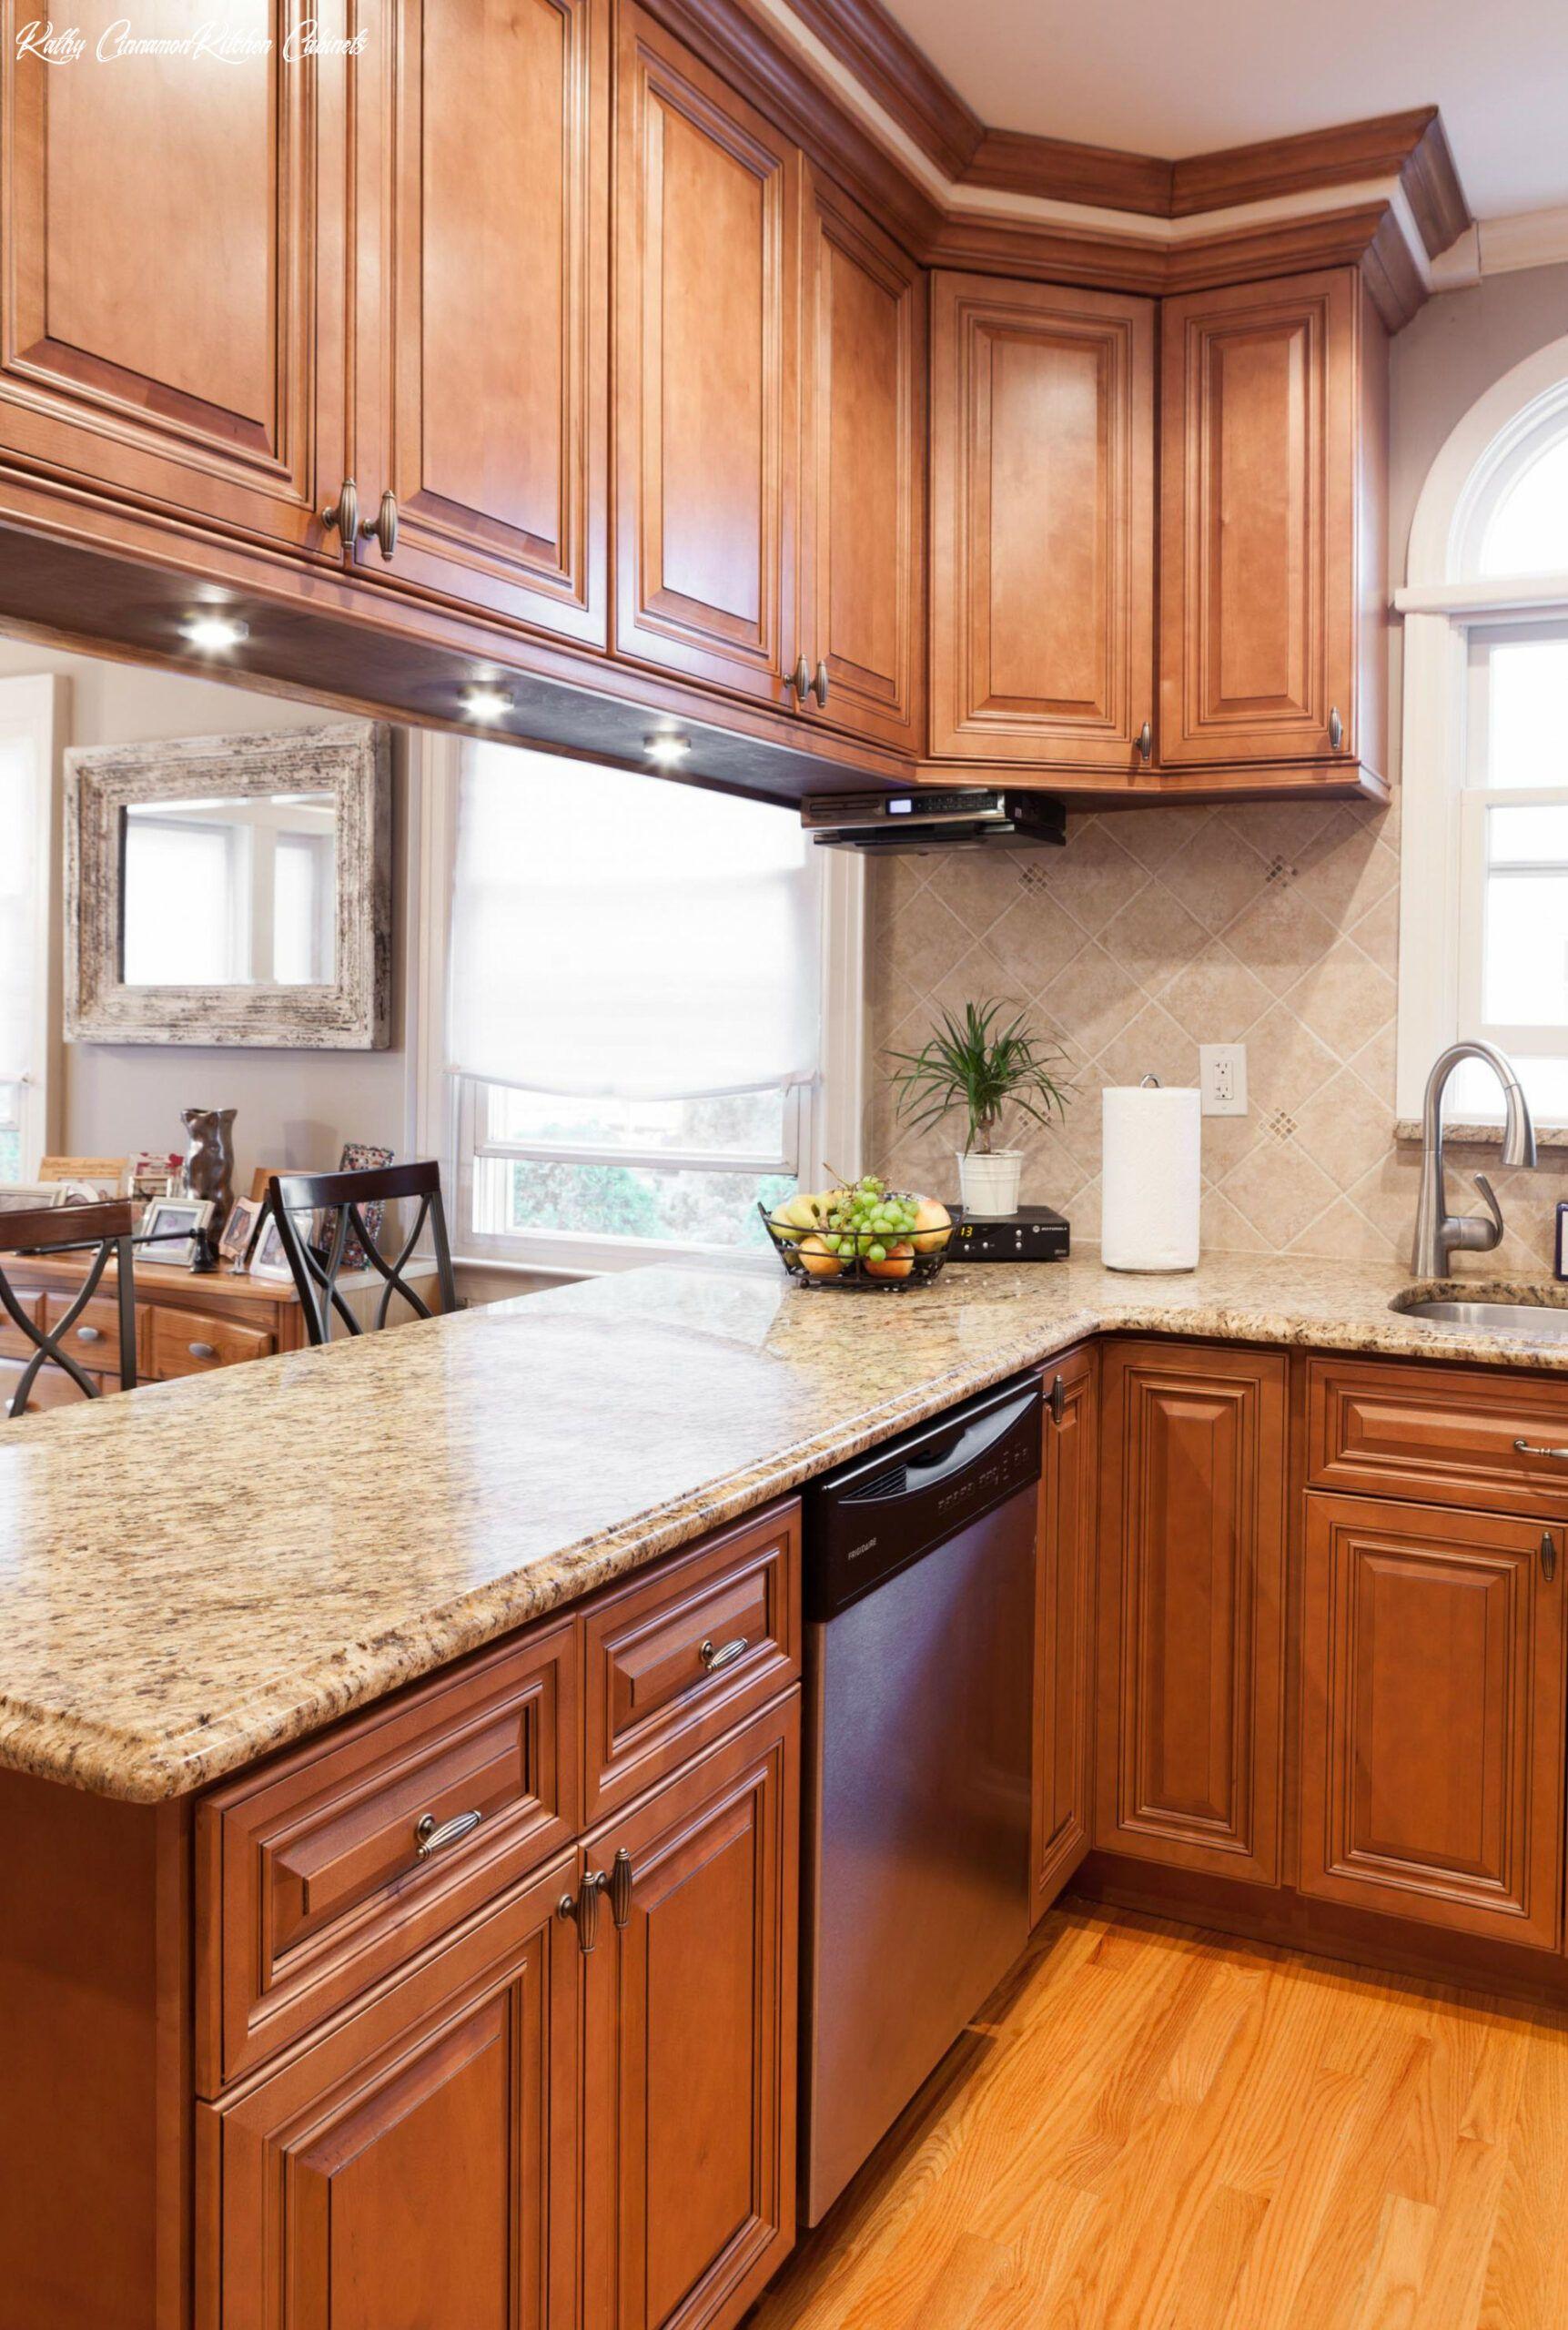 Kathy Cinnamon Kitchen Cabinets In 2020 Kitchen Cabinet Design Maple Kitchen Cabinets Granite Countertops Kitchen